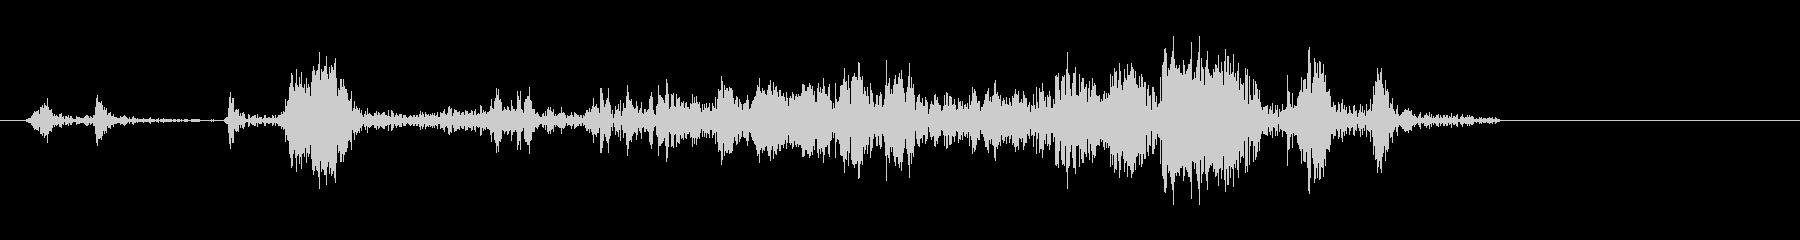 シャッター音 カメラ カシャ(効果音)の未再生の波形